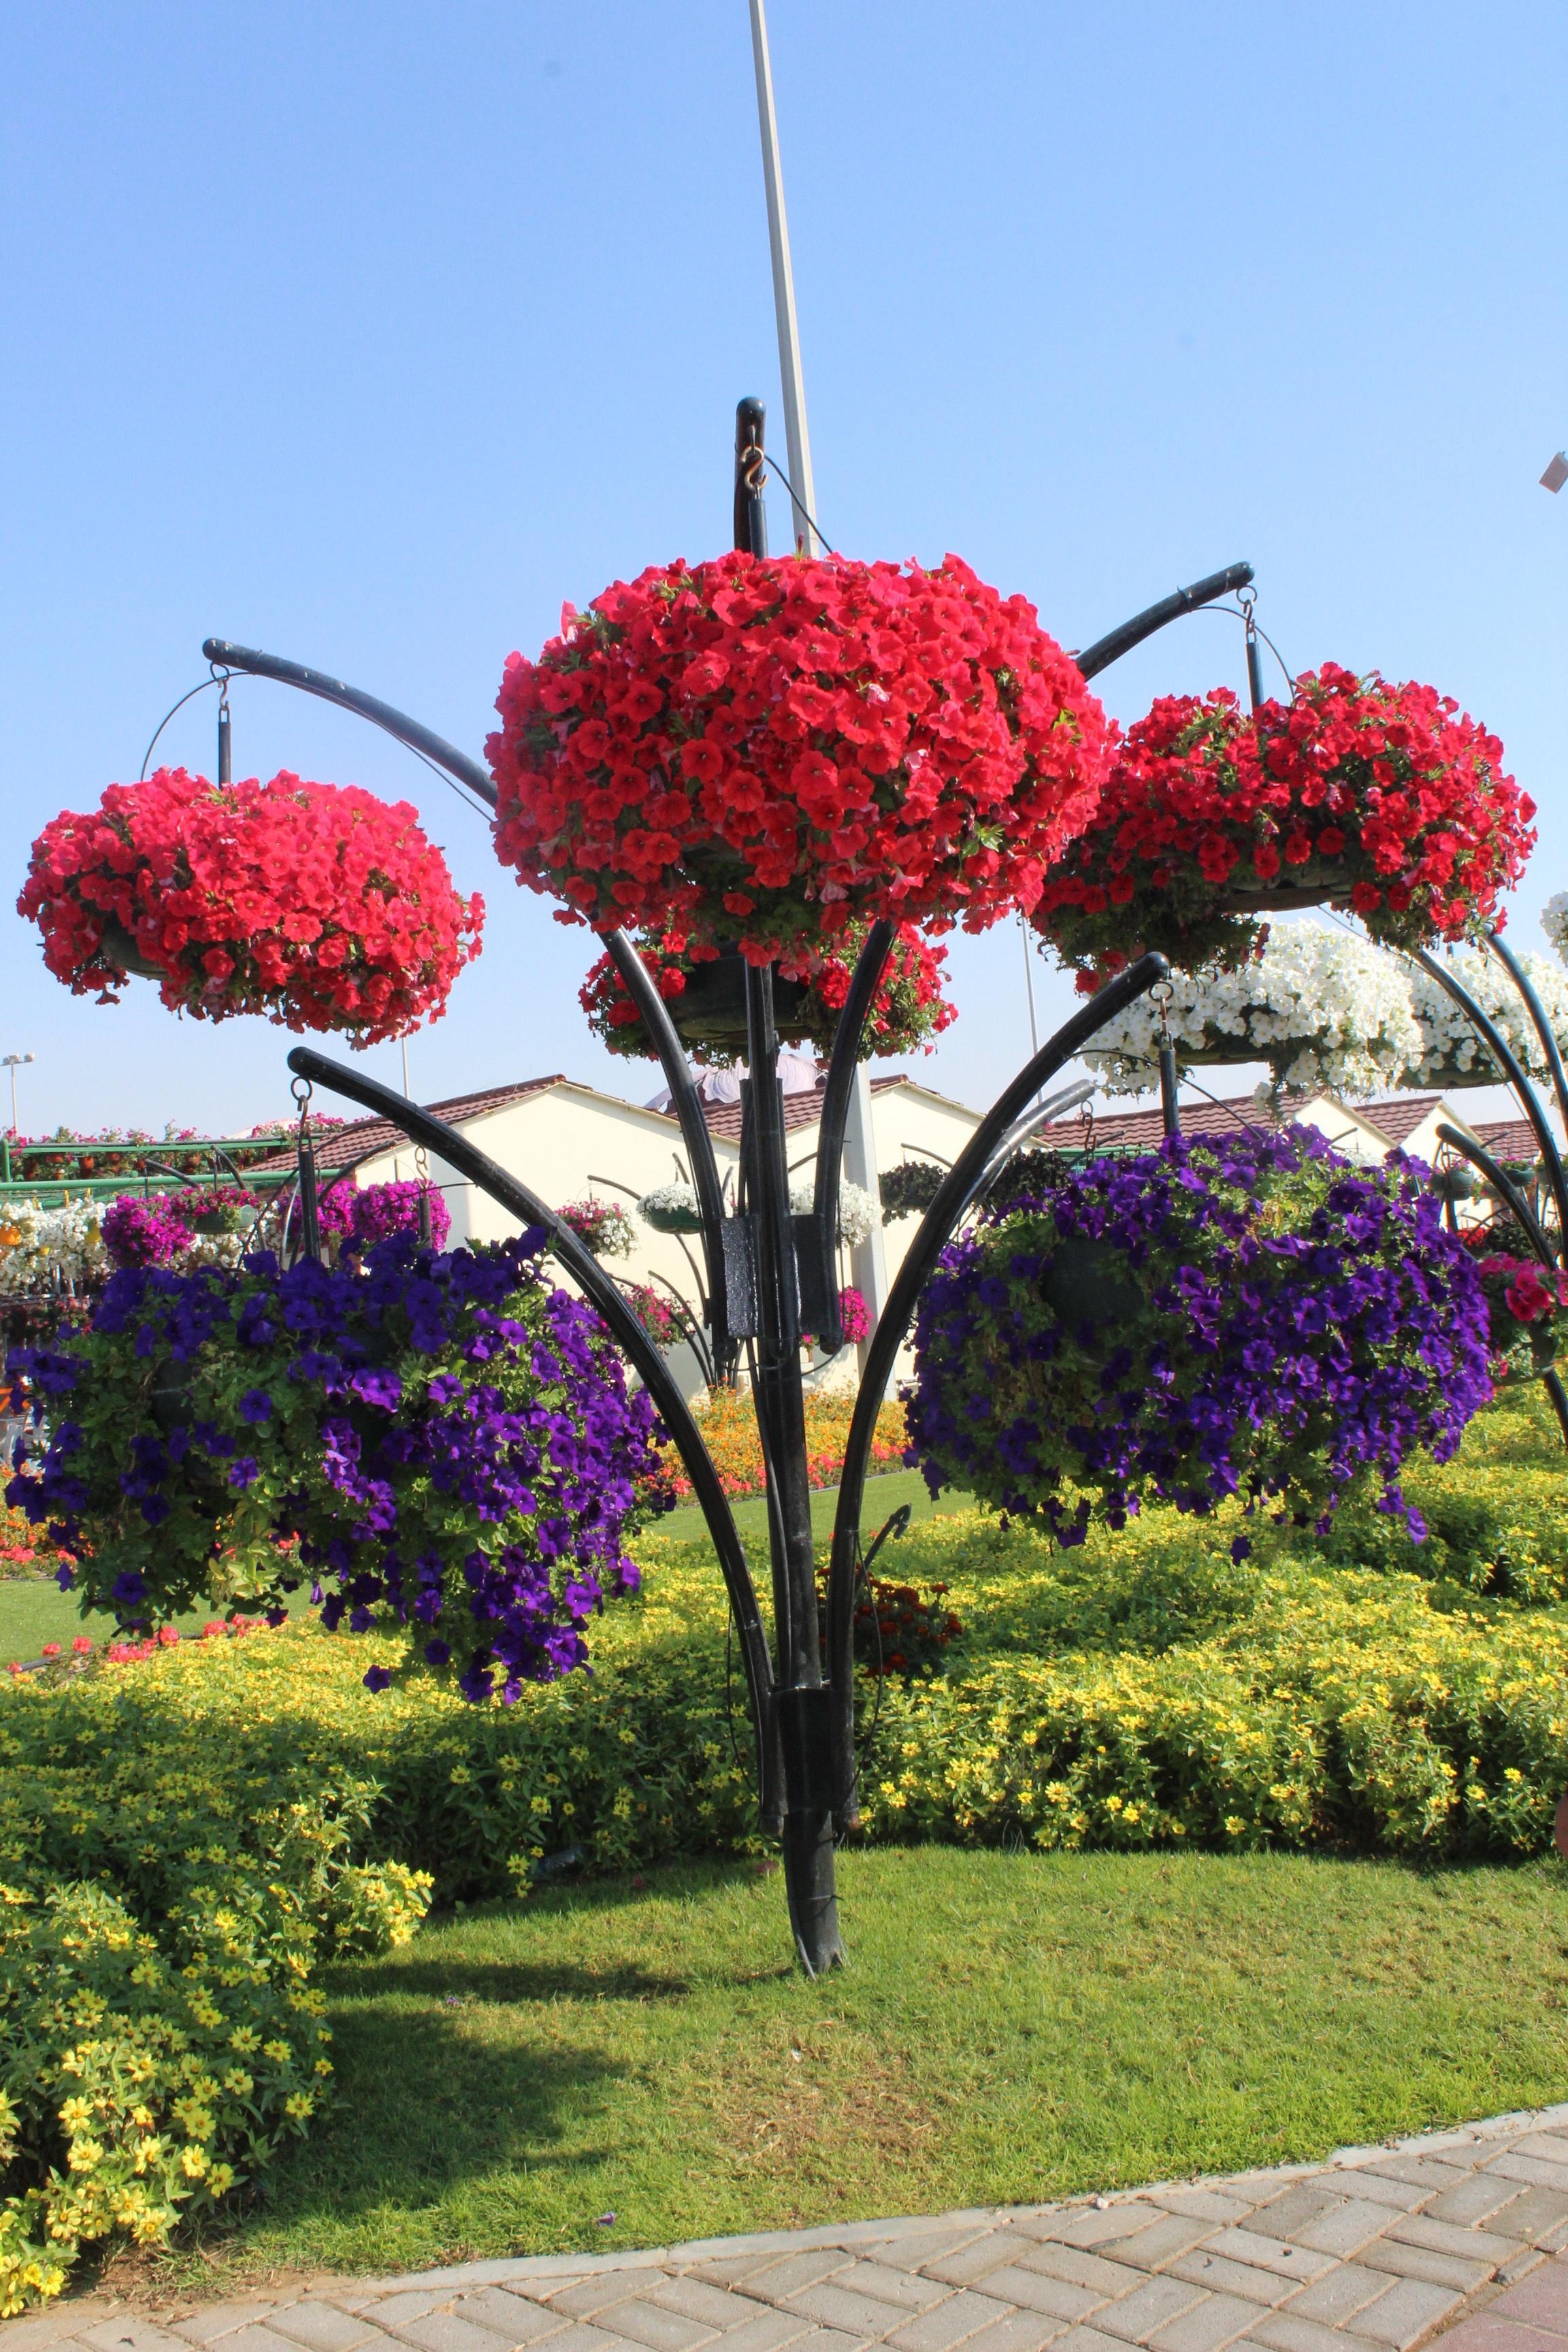 images gratuites arbre fleur l 39 automne botanique jardin flore arbuste beau parterre de. Black Bedroom Furniture Sets. Home Design Ideas